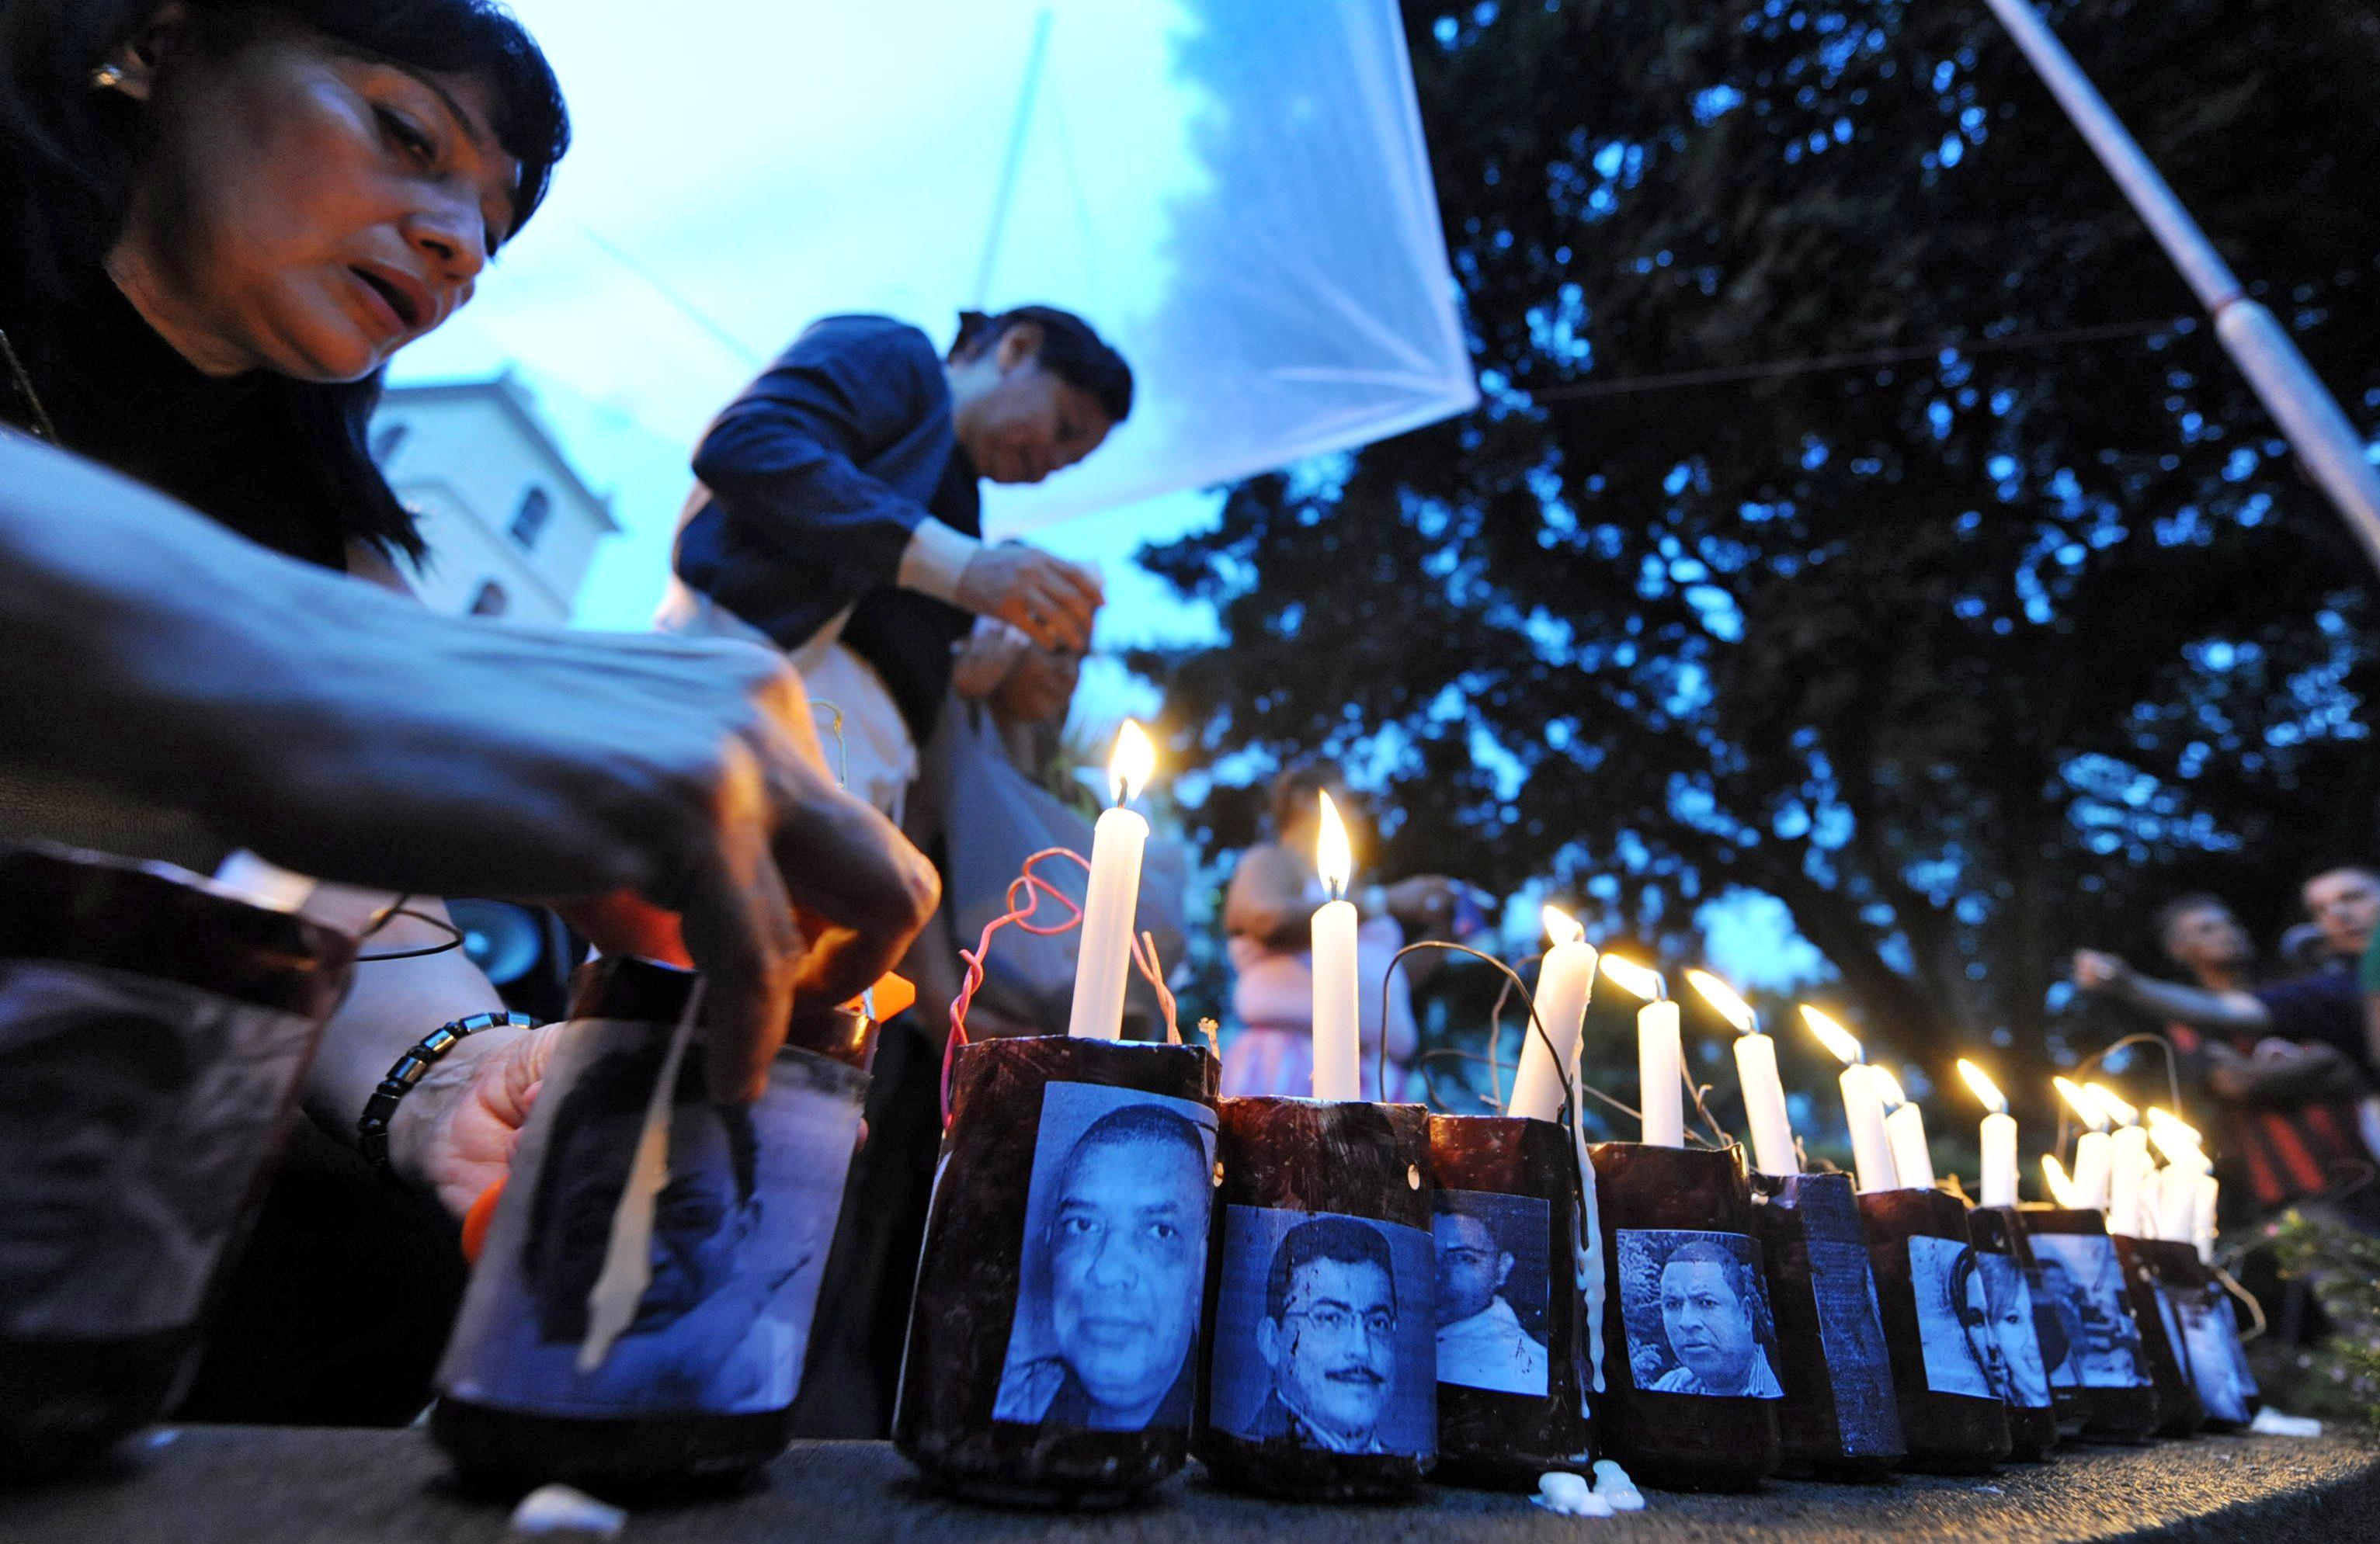 Honduran journalists take part in a vigil in memory of journalists killed in Honduras. (ORLANDO SIERRA/AFP/GettyImages)